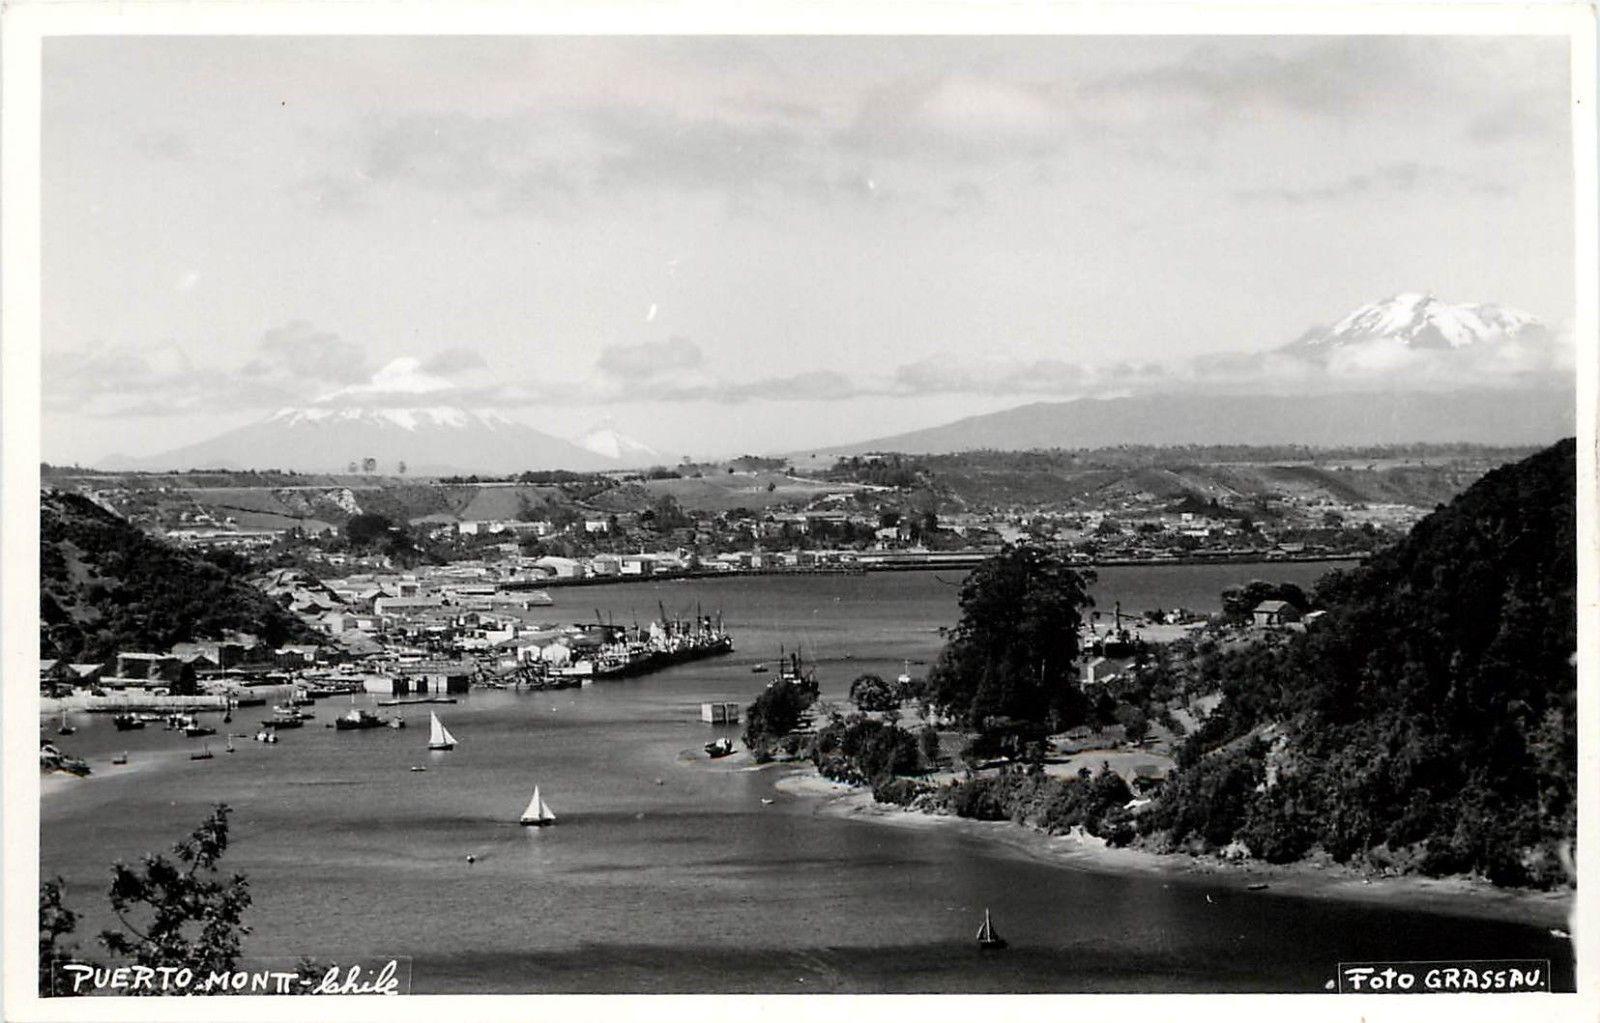 Enterreno - Fotos históricas de chile - fotos antiguas de Chile - Puerto Montt en 1935